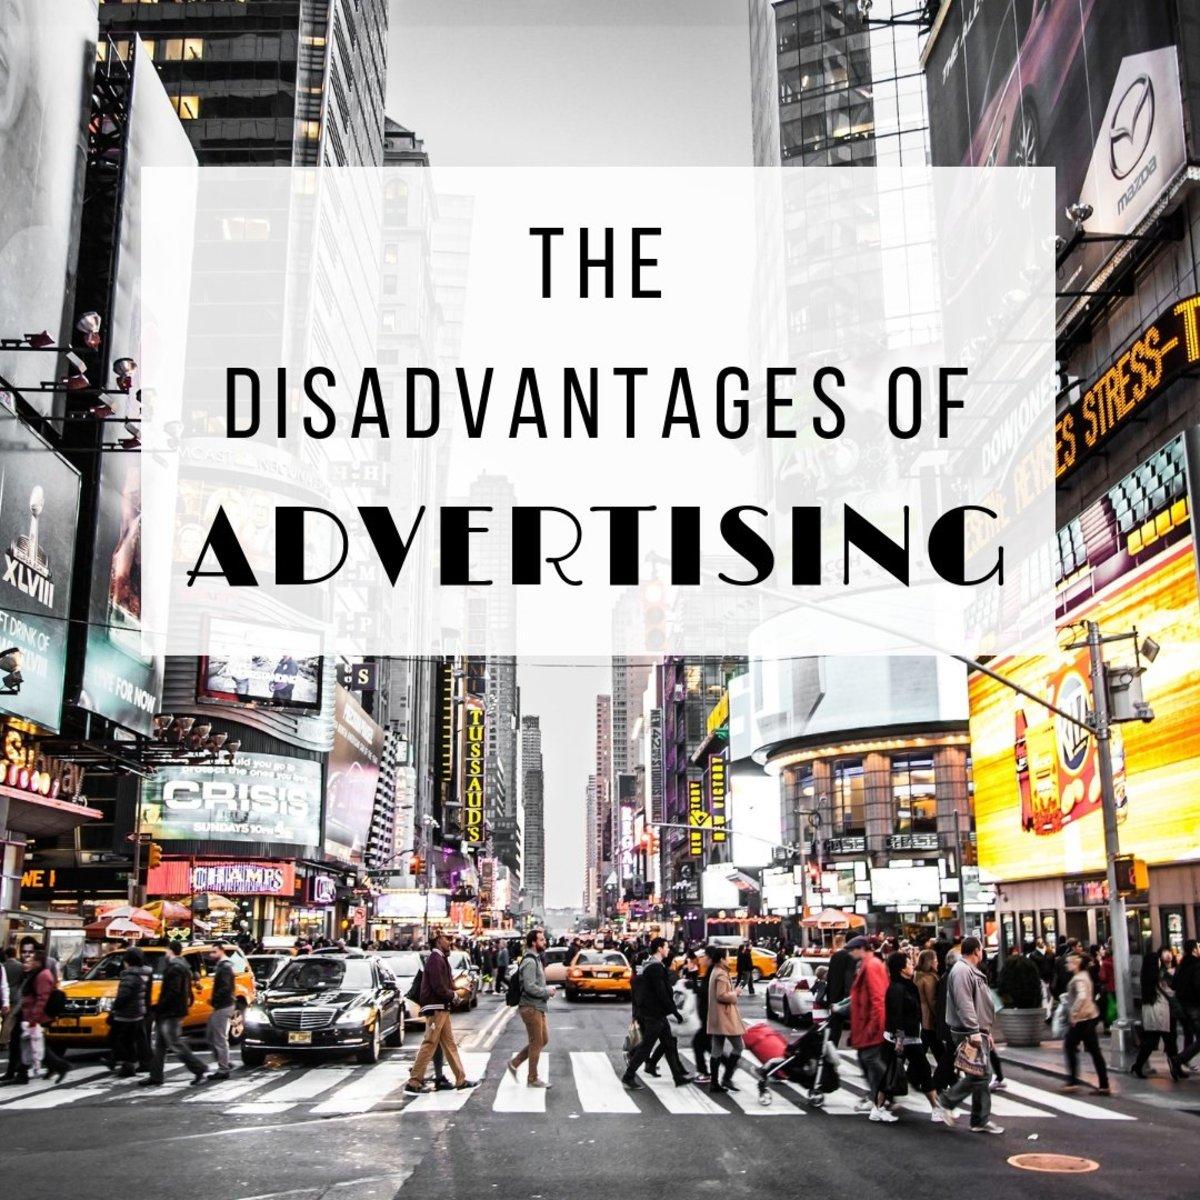 广告的缺点是什么?